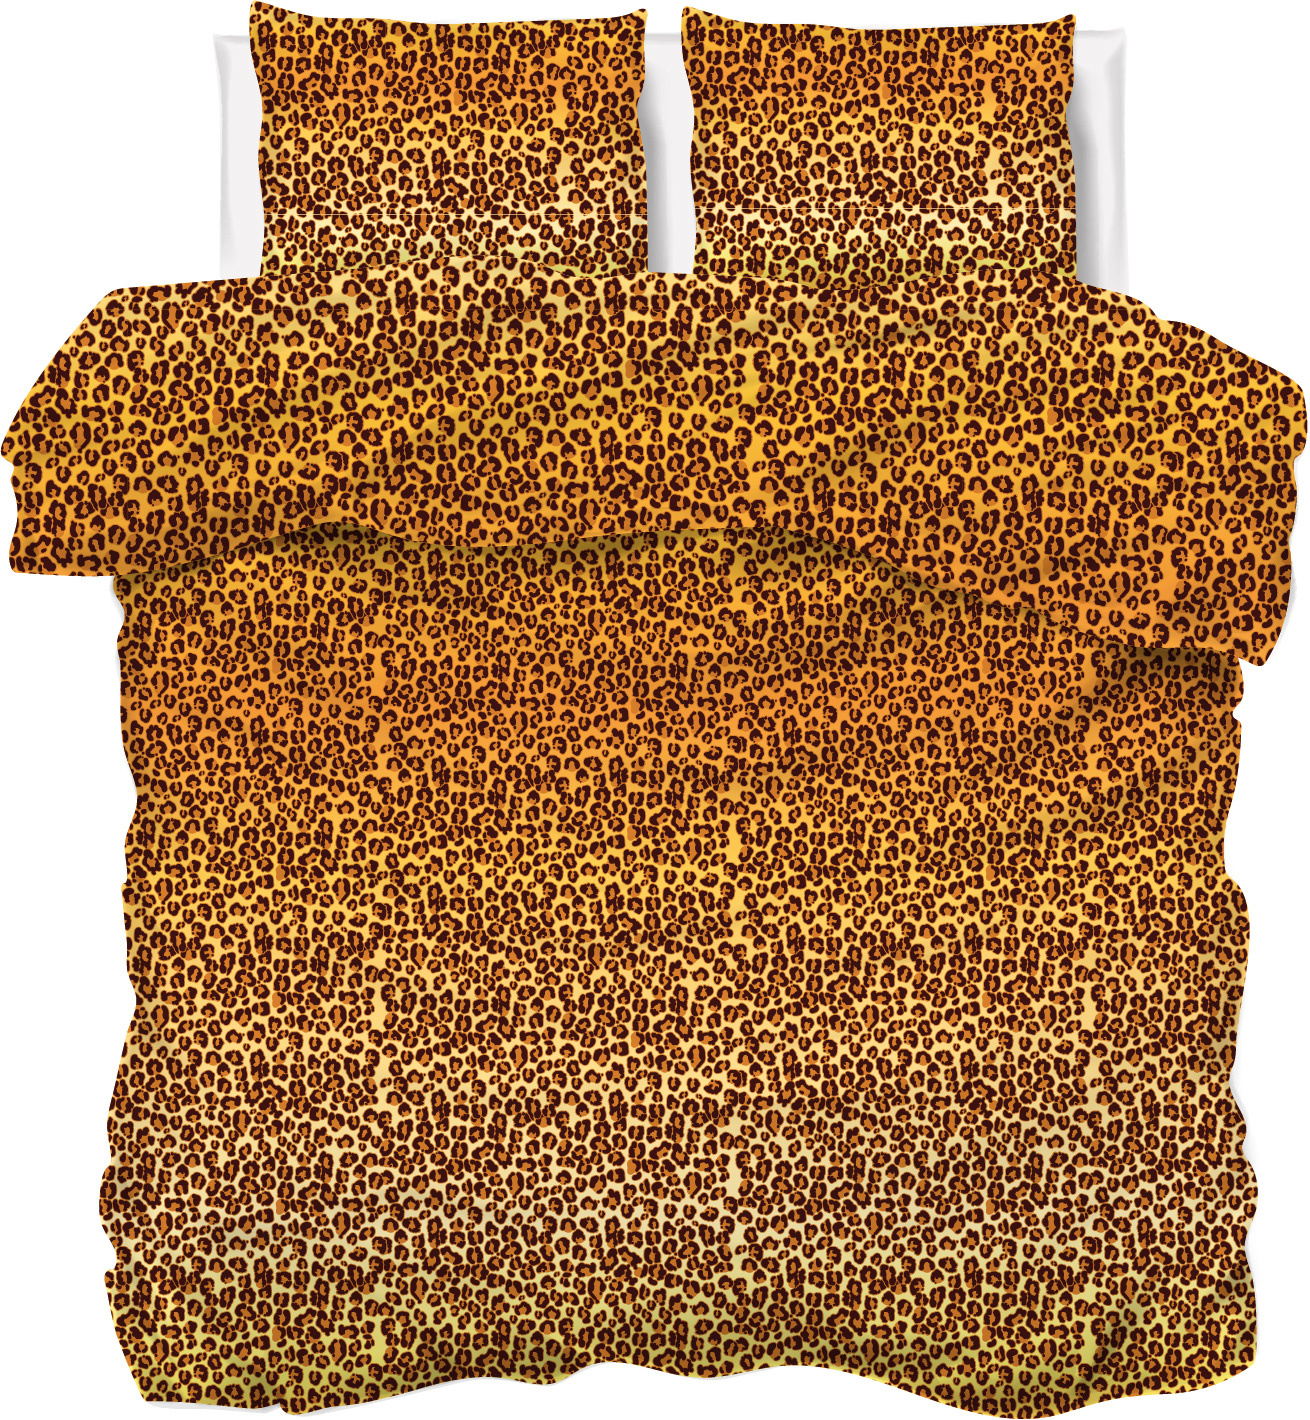 Een dekbedovertrek met panter print